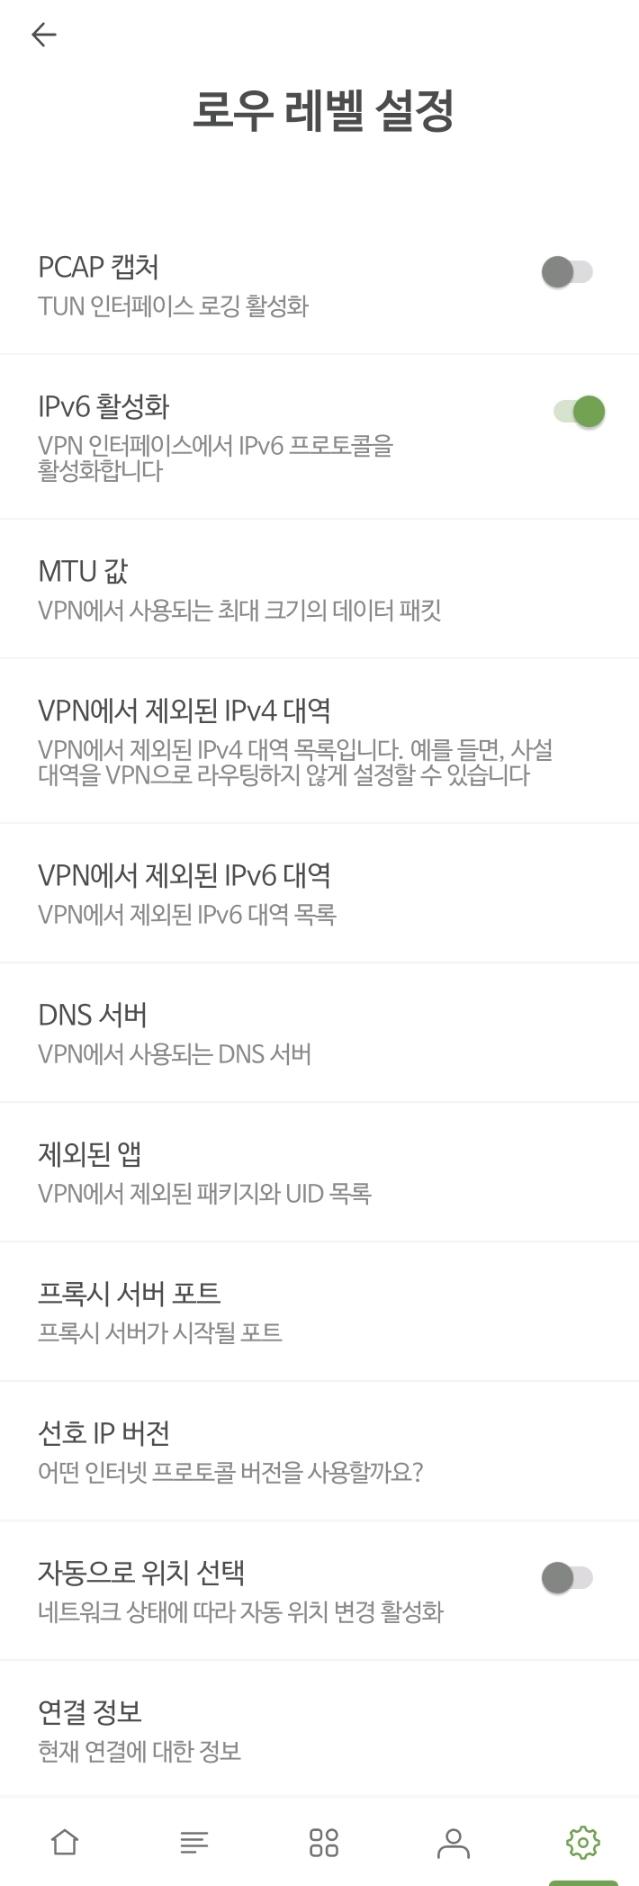 안드로이드 Adguard VPN (대체 불가능?)